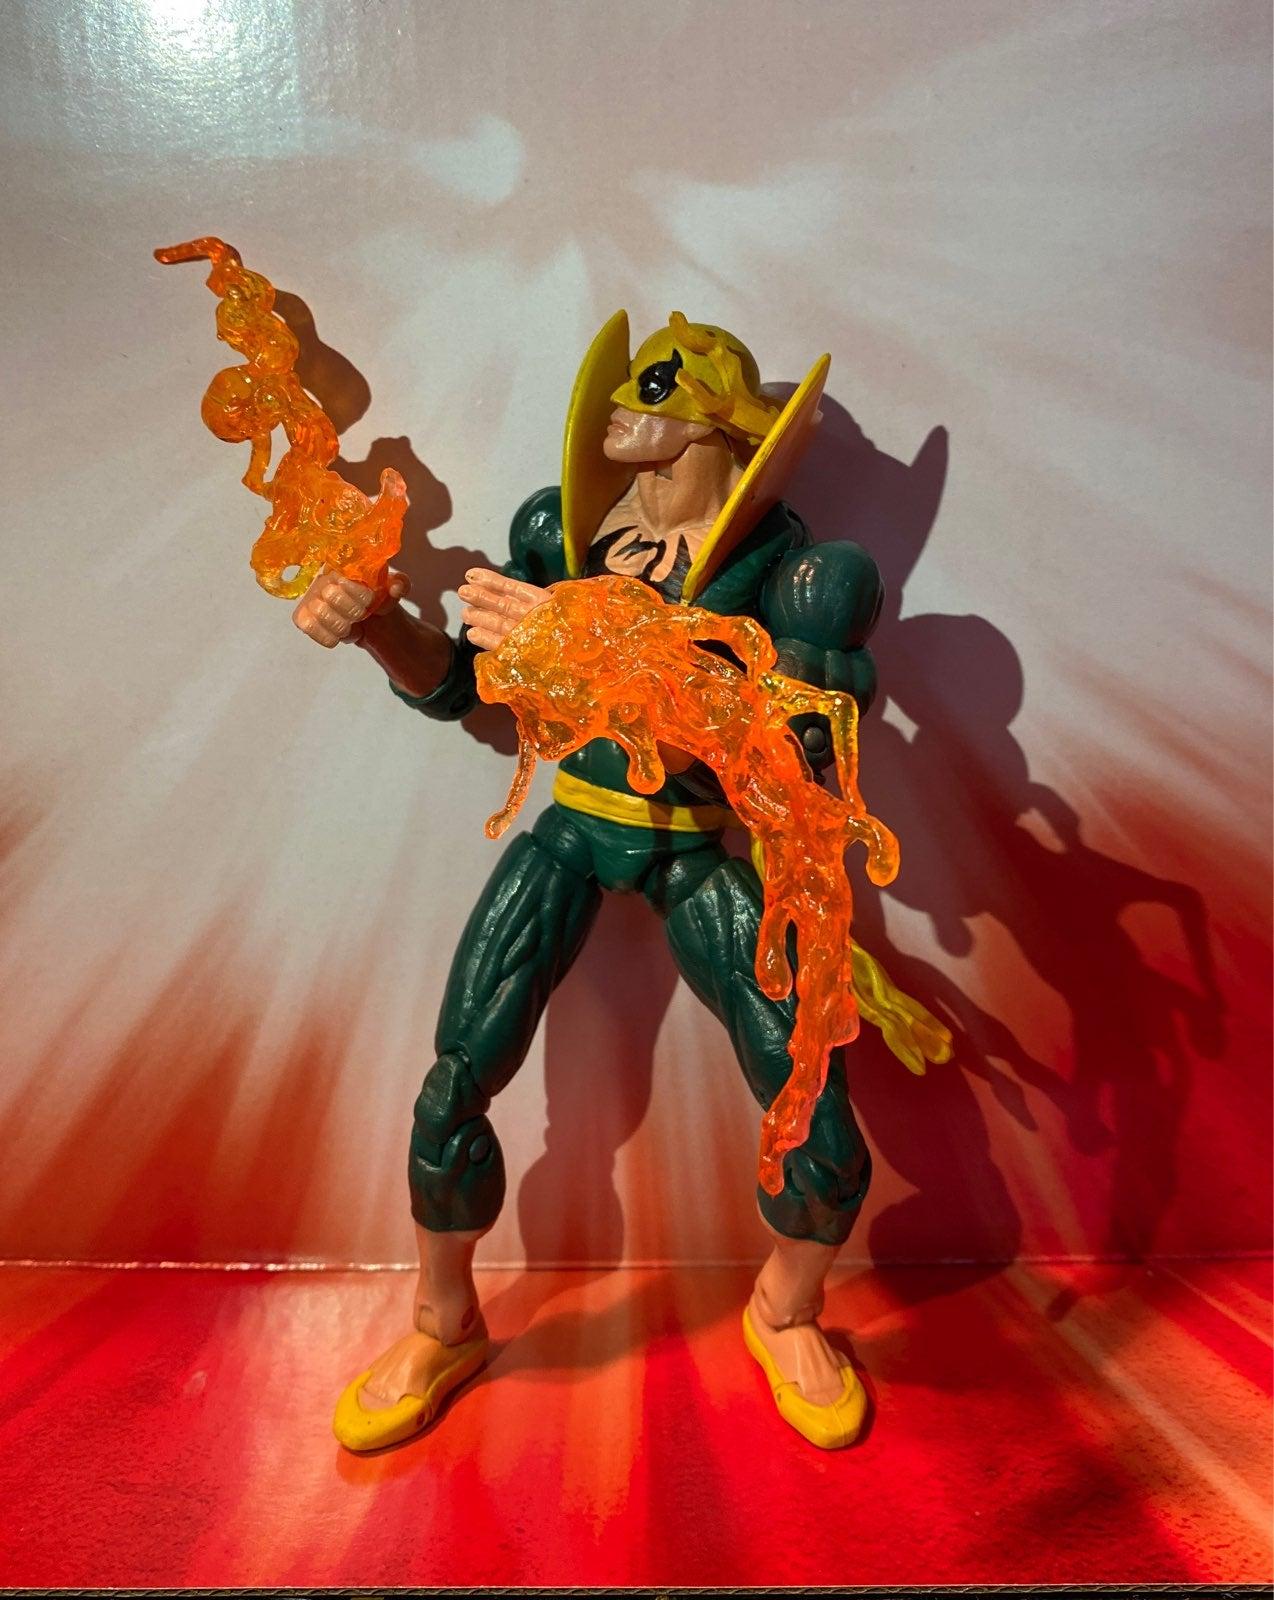 Marvel Legends Series 12 Apocalypse Iron